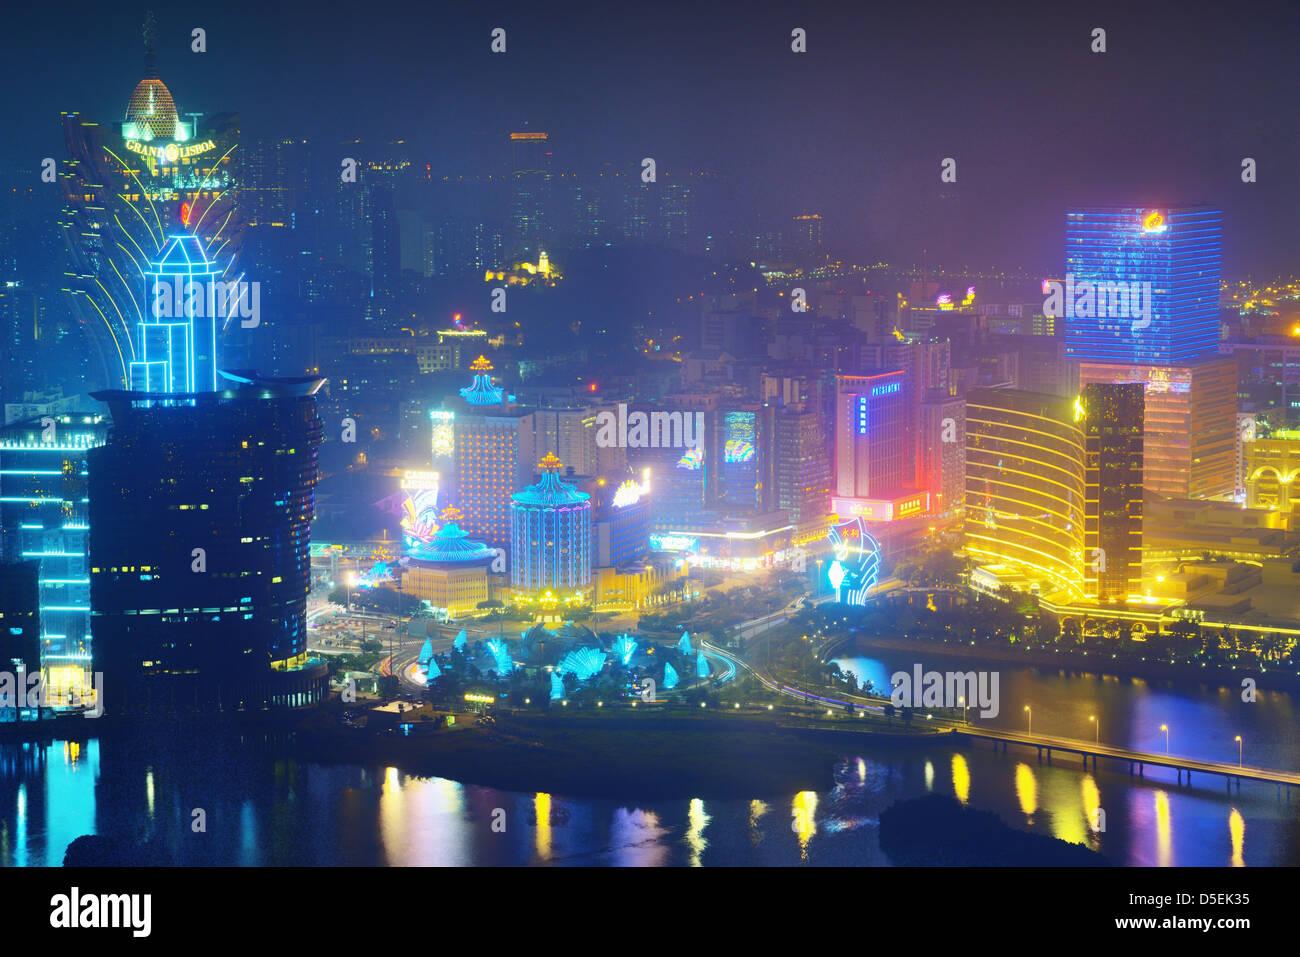 Resort casinos in Macau, China. - Stock Image